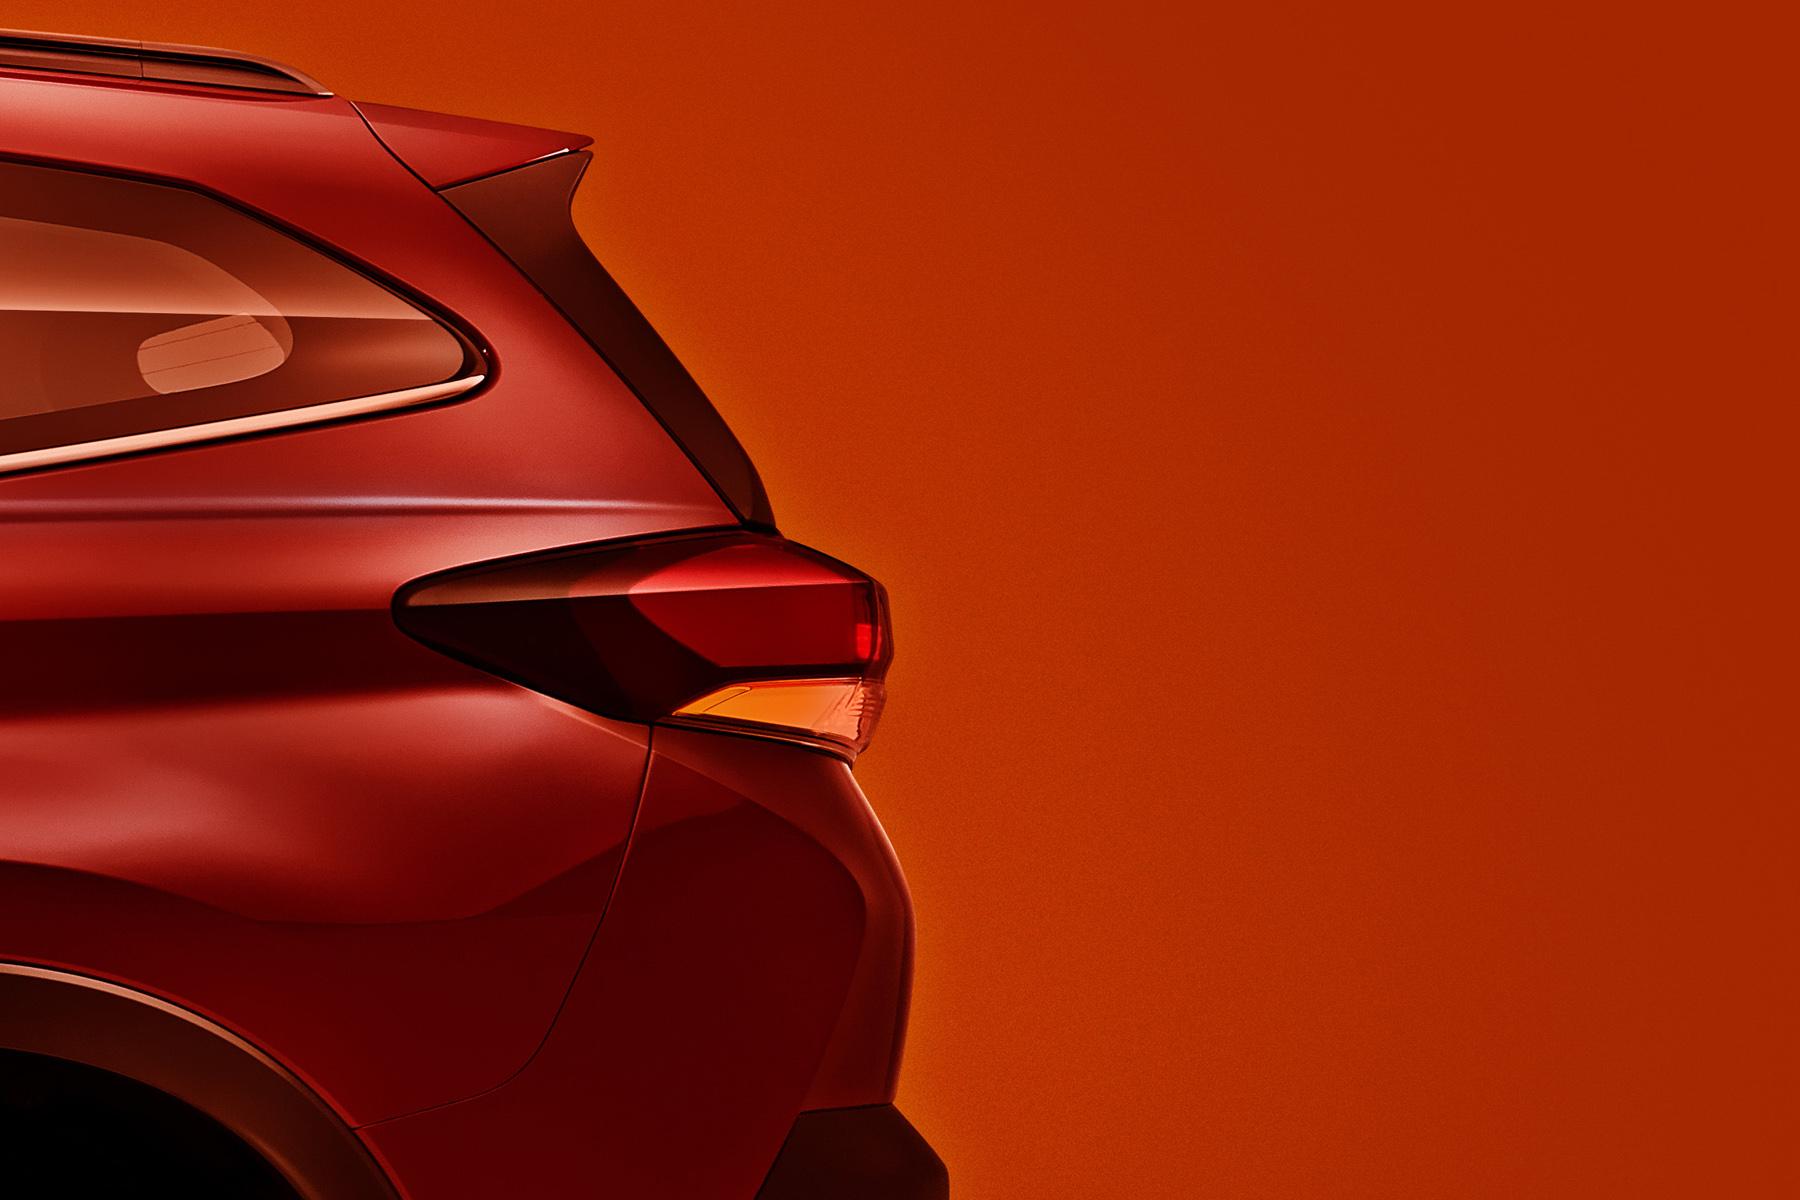 Toyota Rush Detail_0005_Rush_detail_0005_Layer 4.jpg